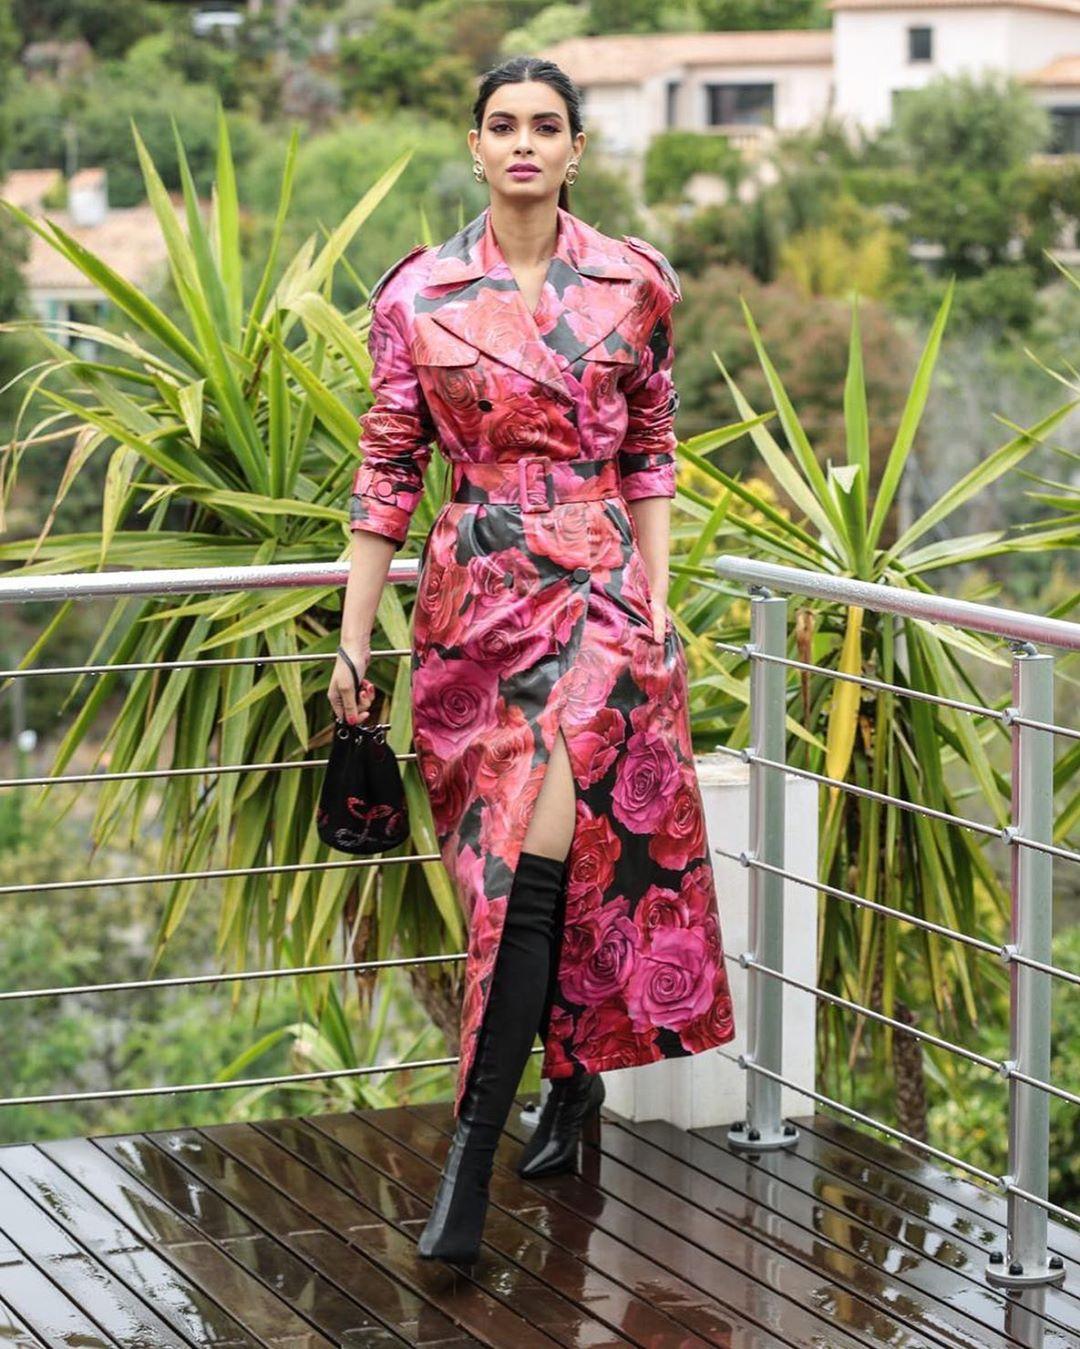 Diana penty bollywood actress 61